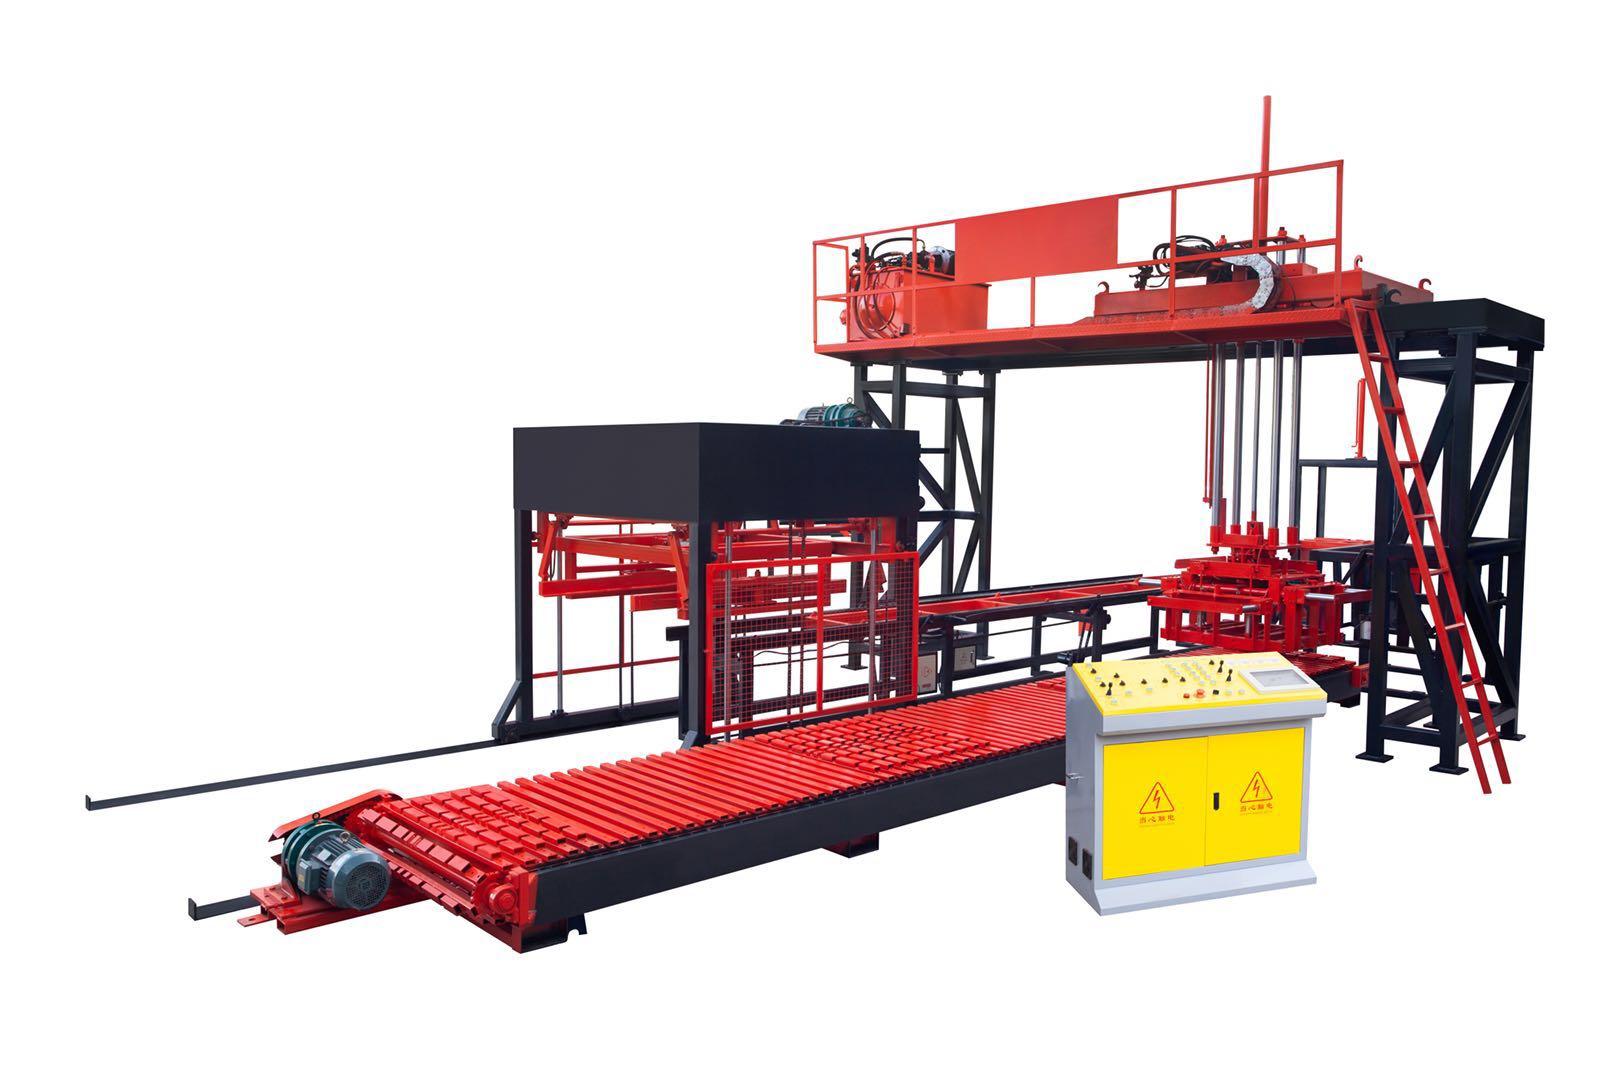 吉林自动码砖机-厂家批发砖厂自动码砖机-浙江自动码砖机